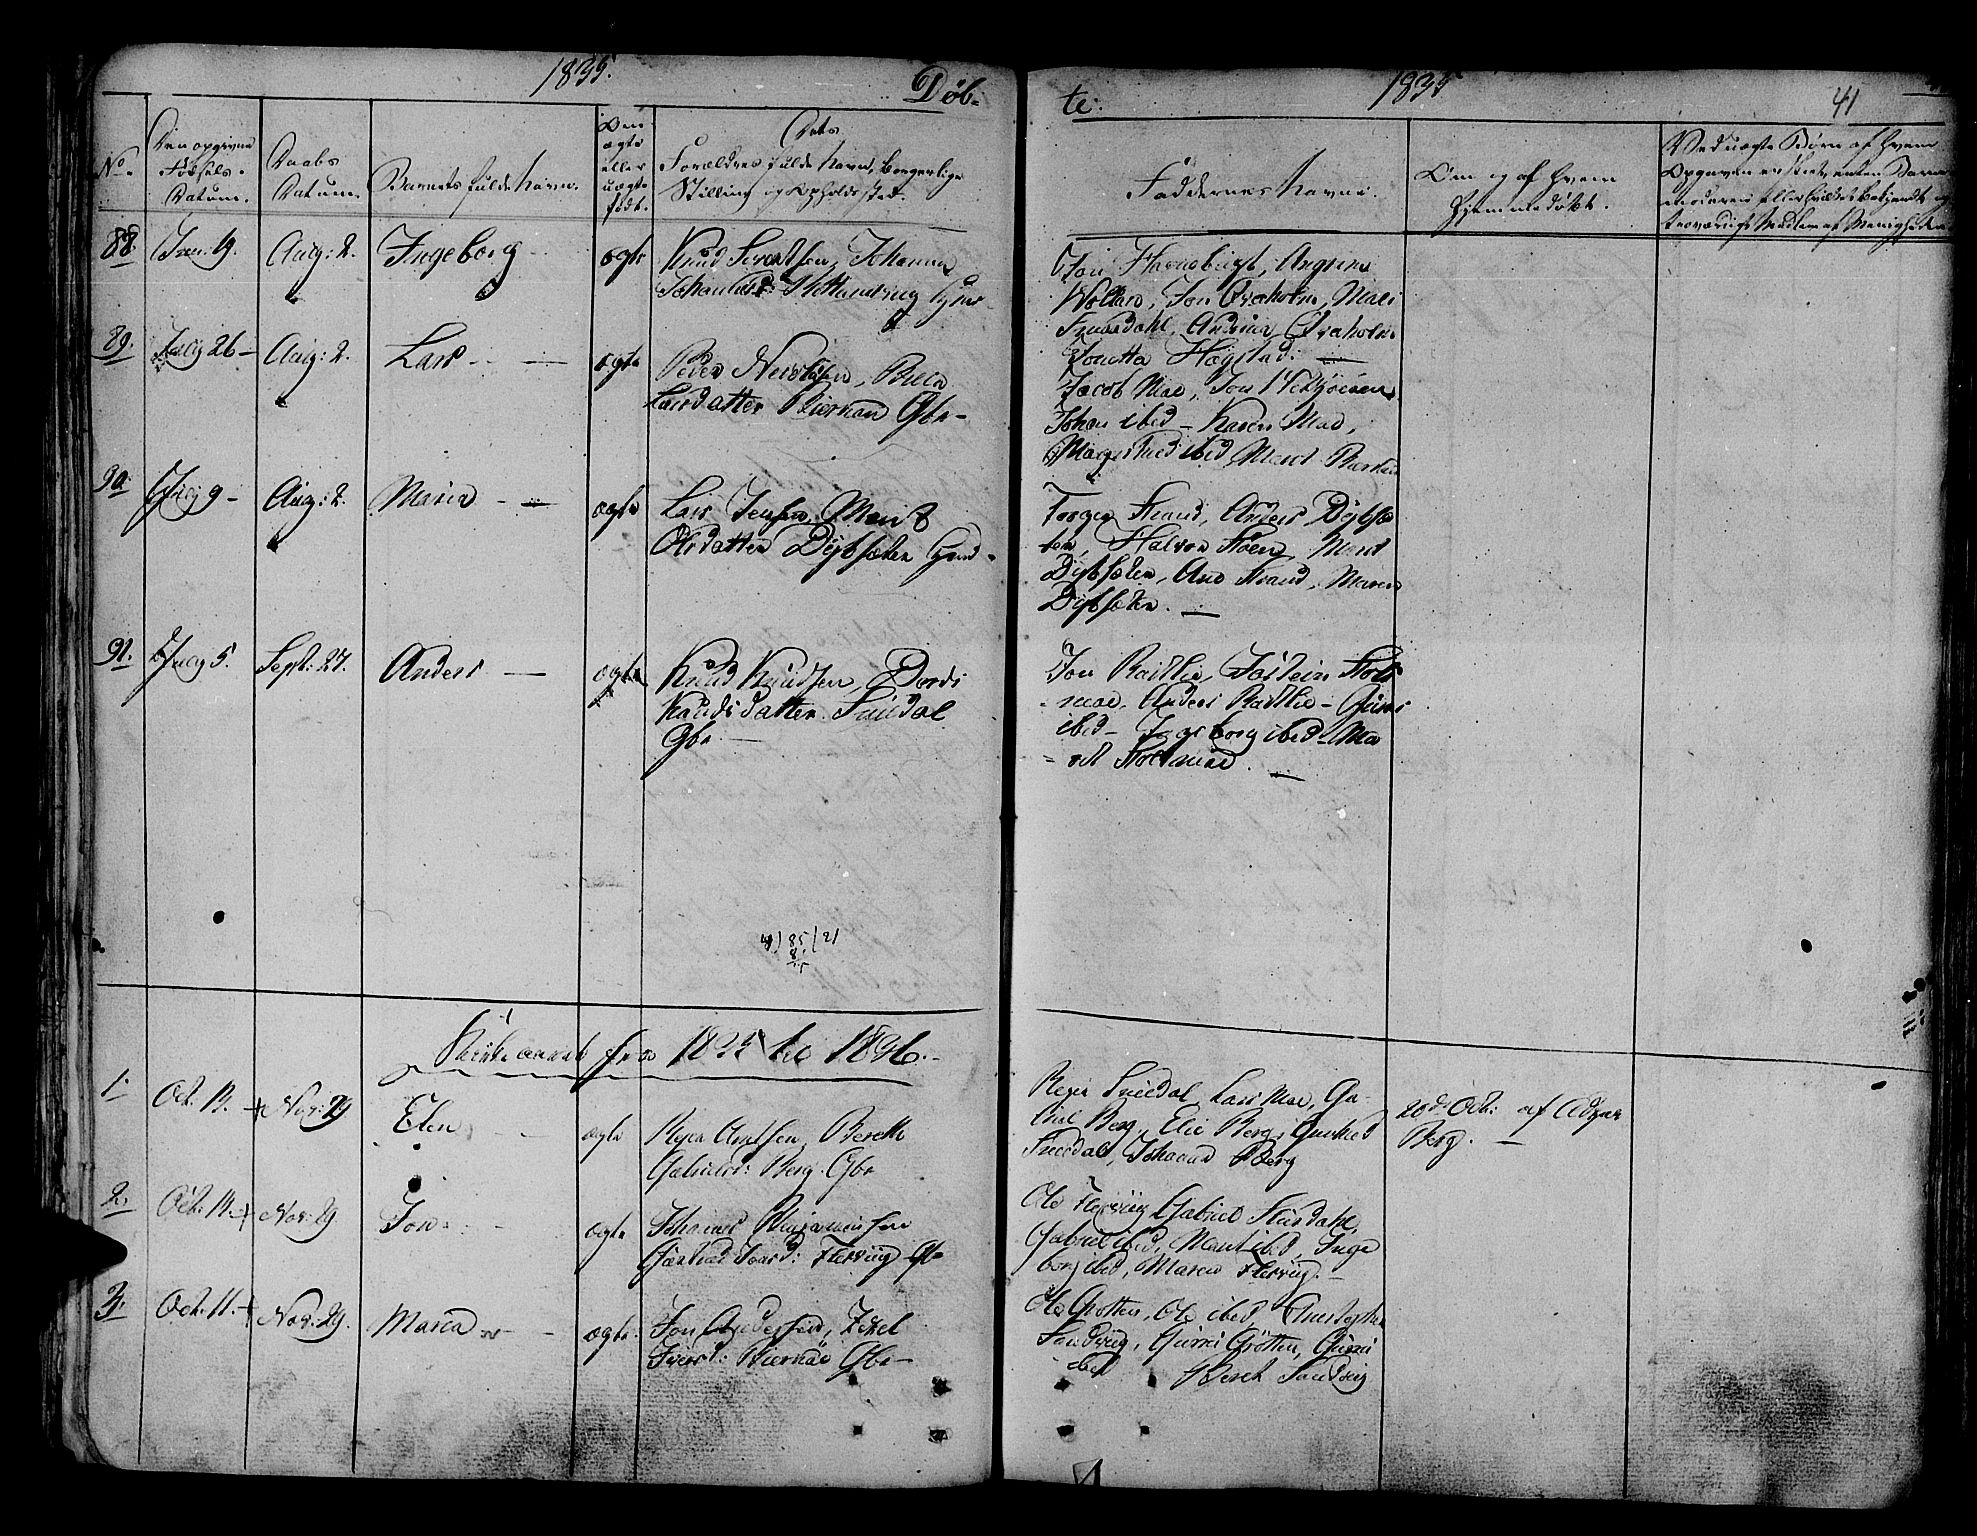 SAT, Ministerialprotokoller, klokkerbøker og fødselsregistre - Sør-Trøndelag, 630/L0492: Ministerialbok nr. 630A05, 1830-1840, s. 41